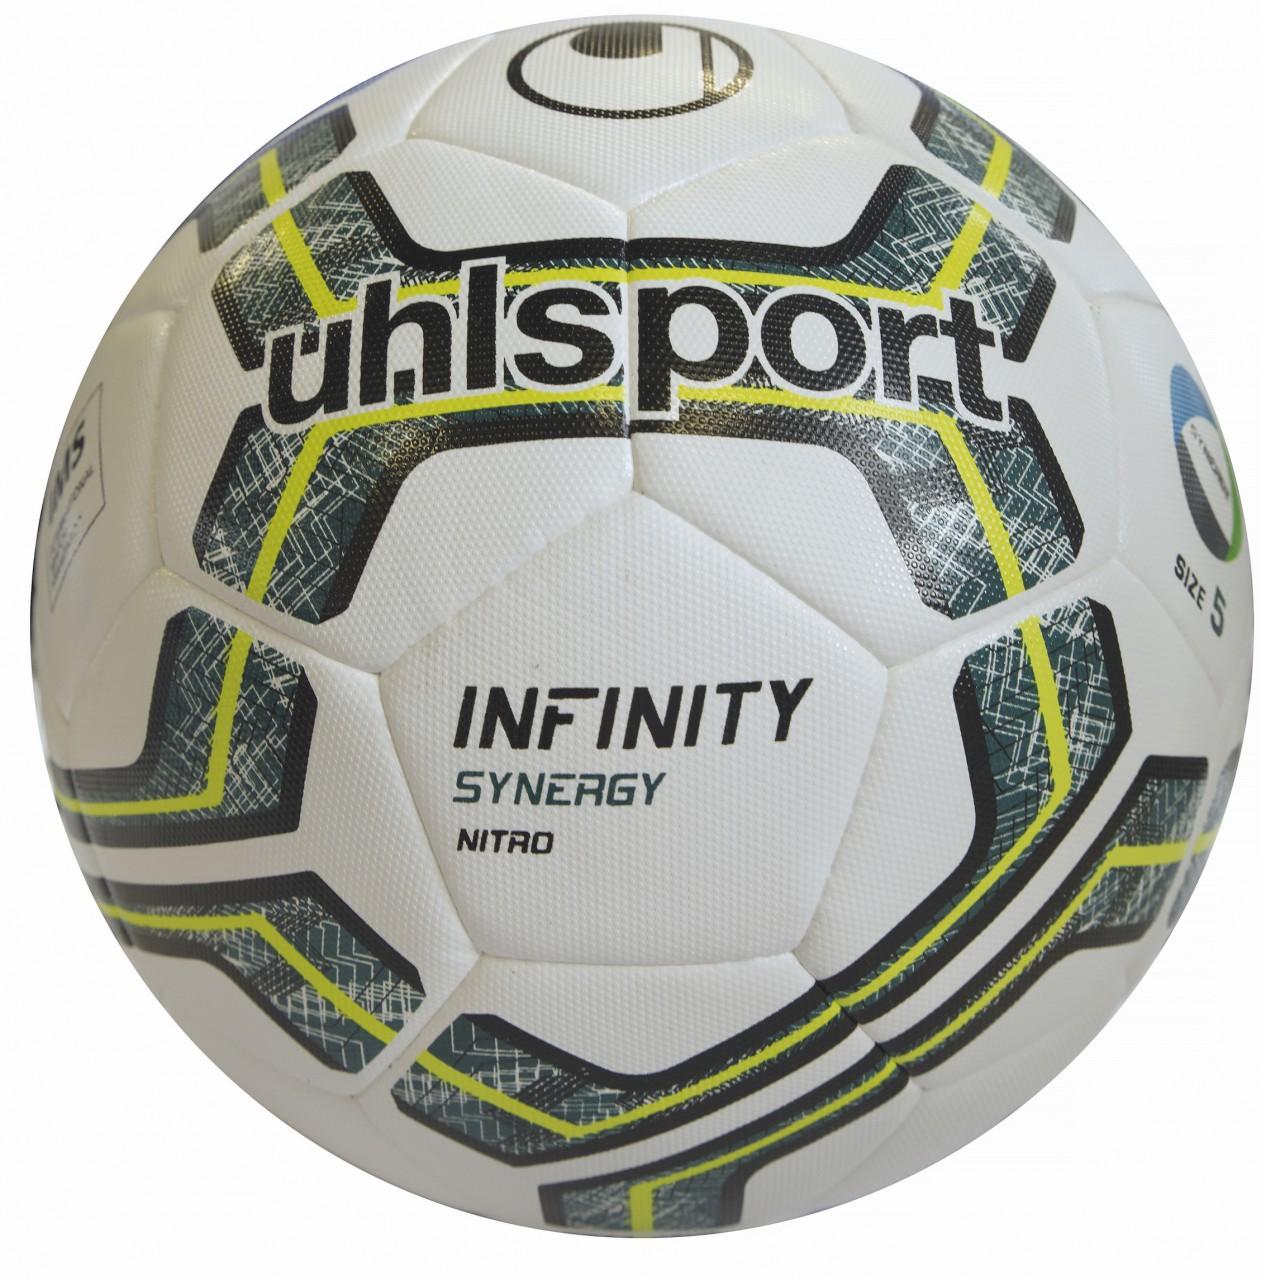 Uhlsport Spiel- und Trainingsball INFINITY SYNERGY NITRO 2.0